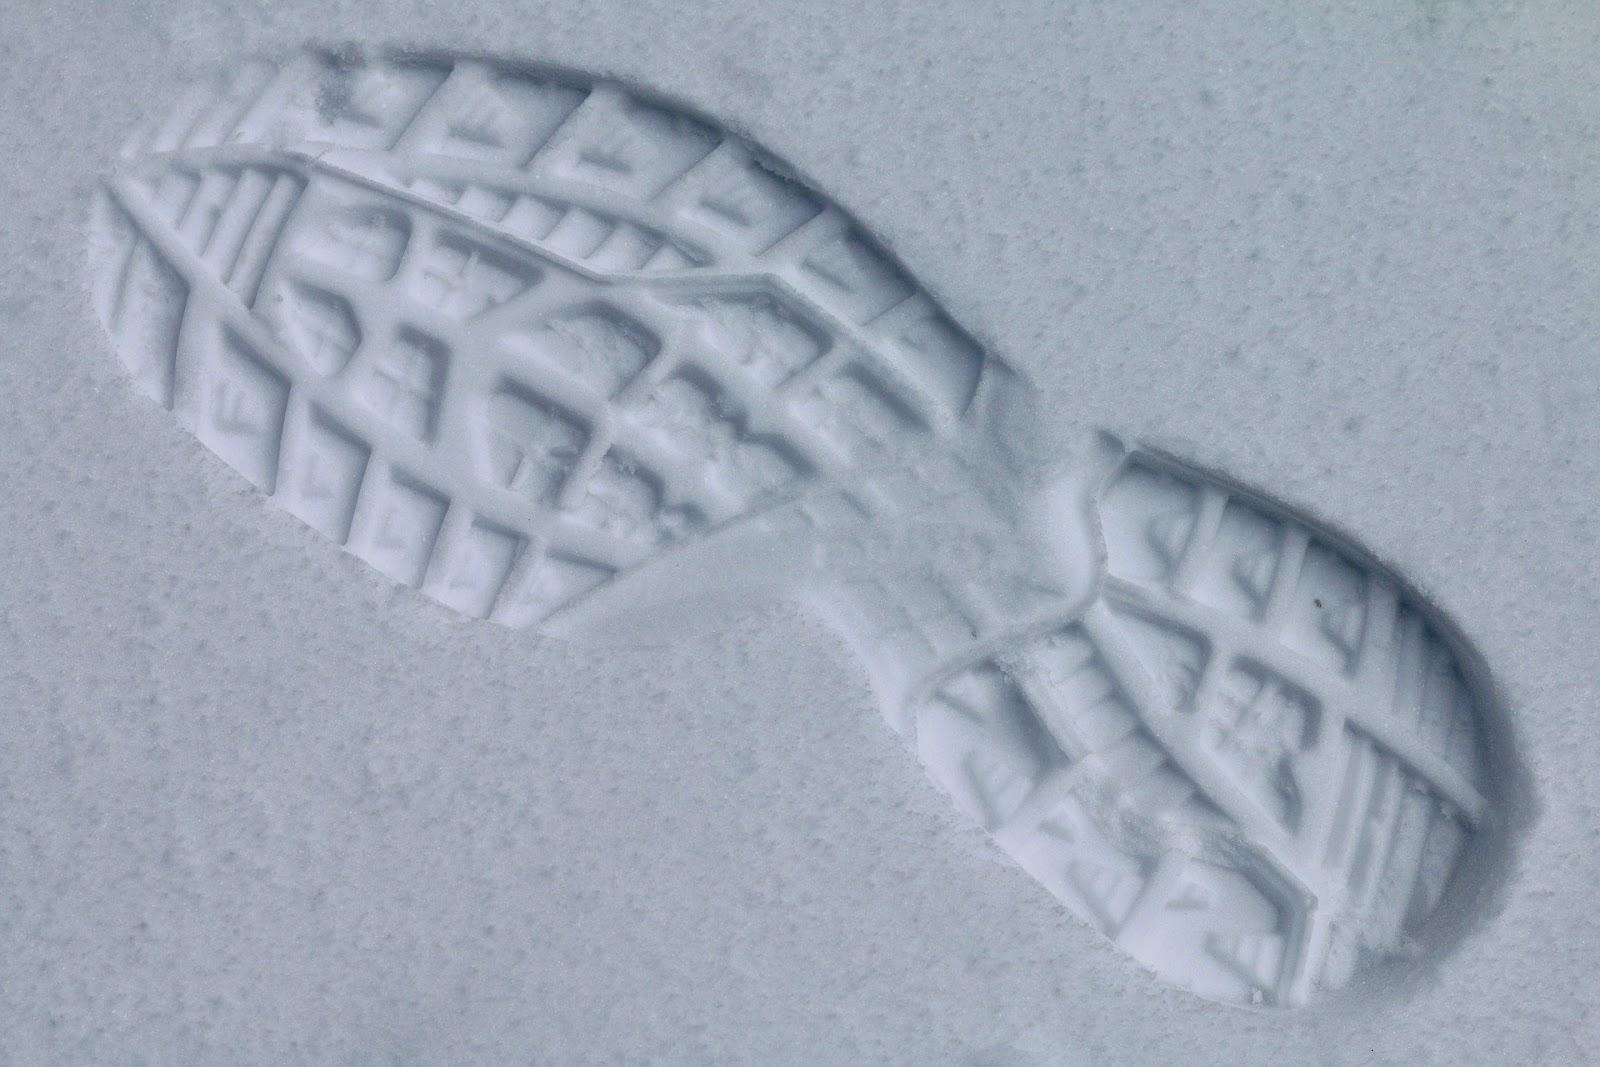 Futócipő lábnyoma a hóban felülről